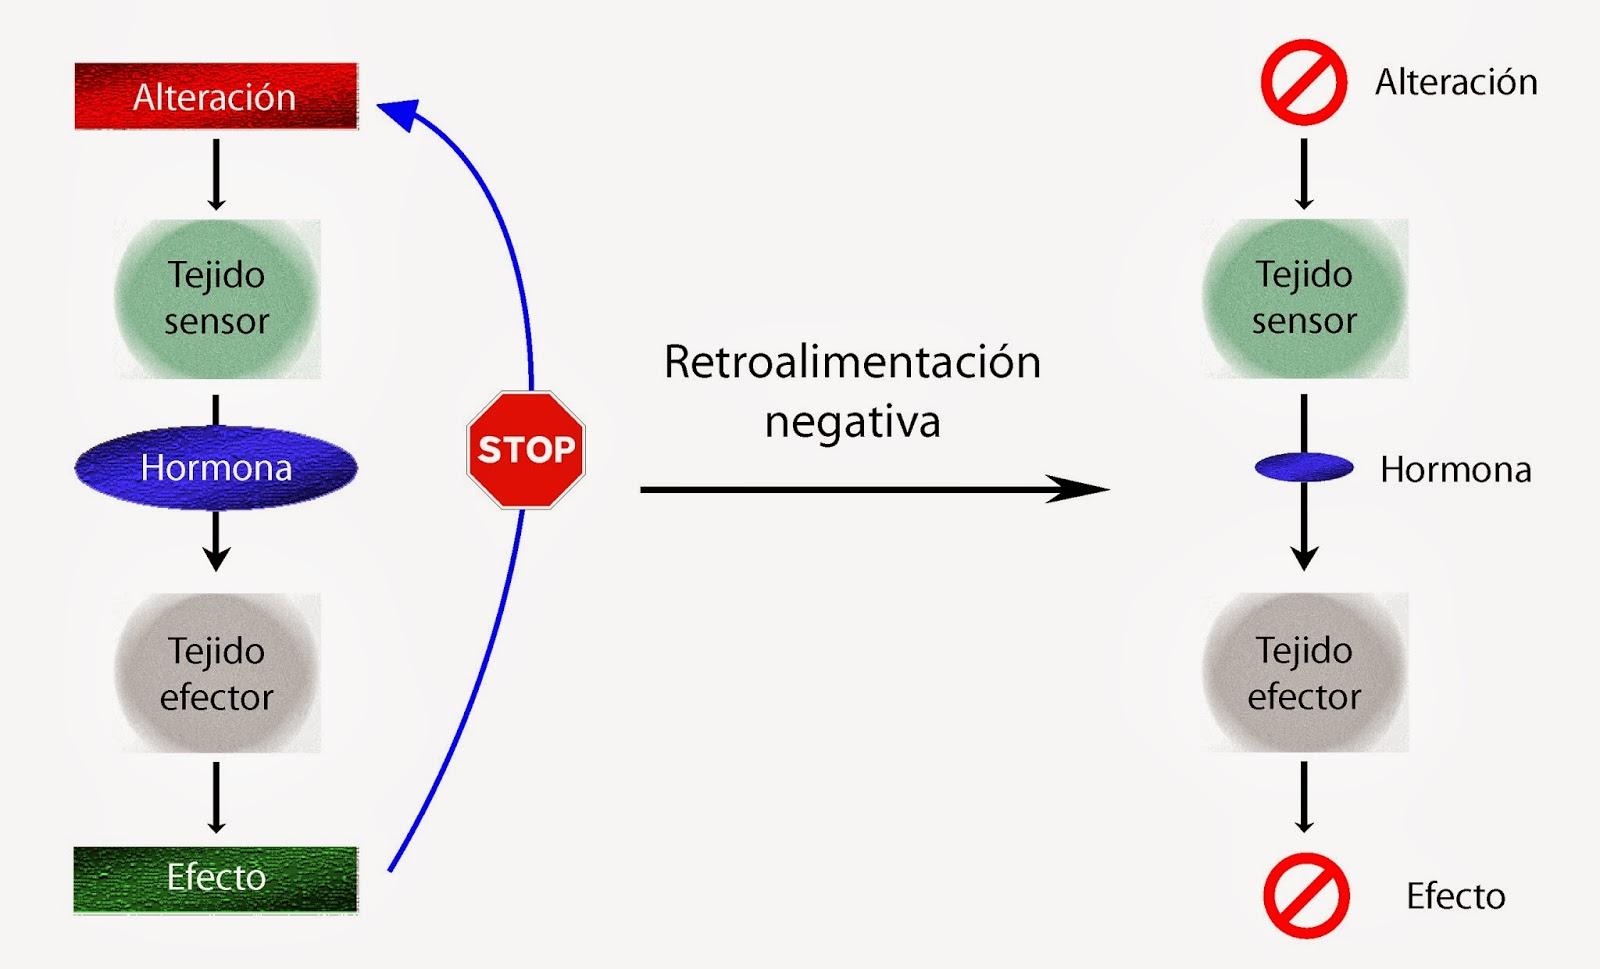 Consecuencias de la retroalimentación negativa sobre las hormonas